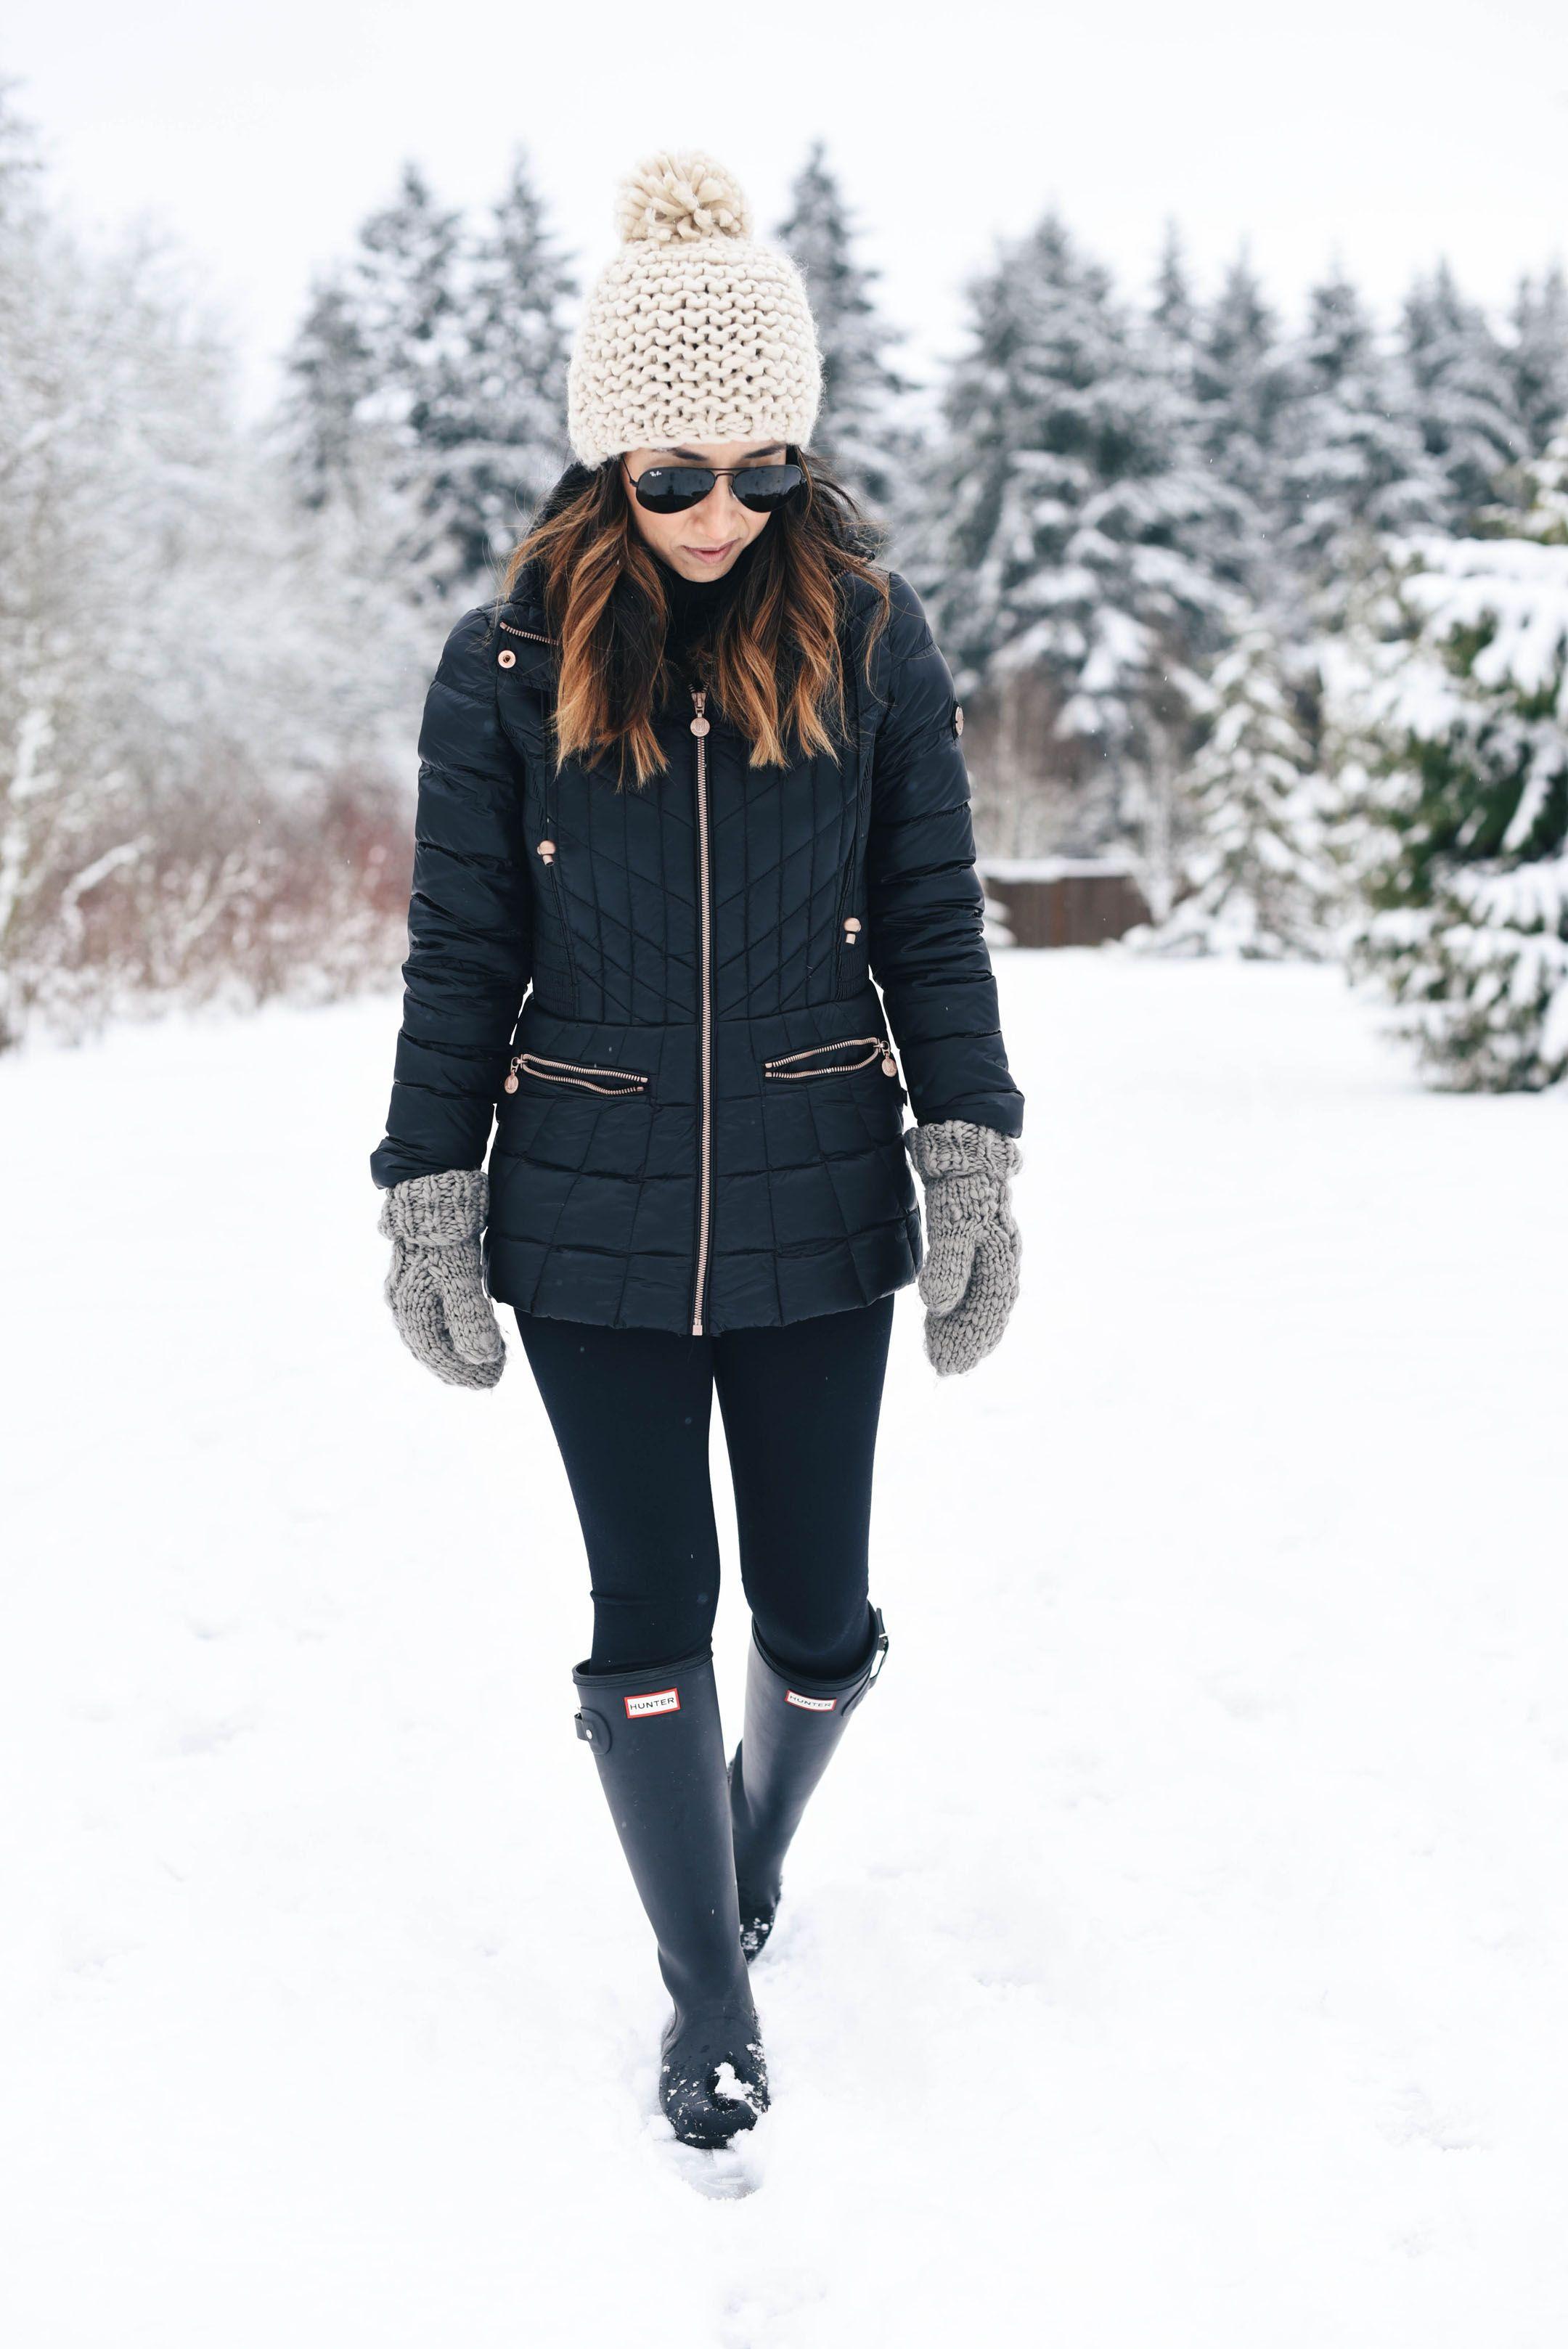 Hunter Tour Black rain boots | style | Pinterest | Black